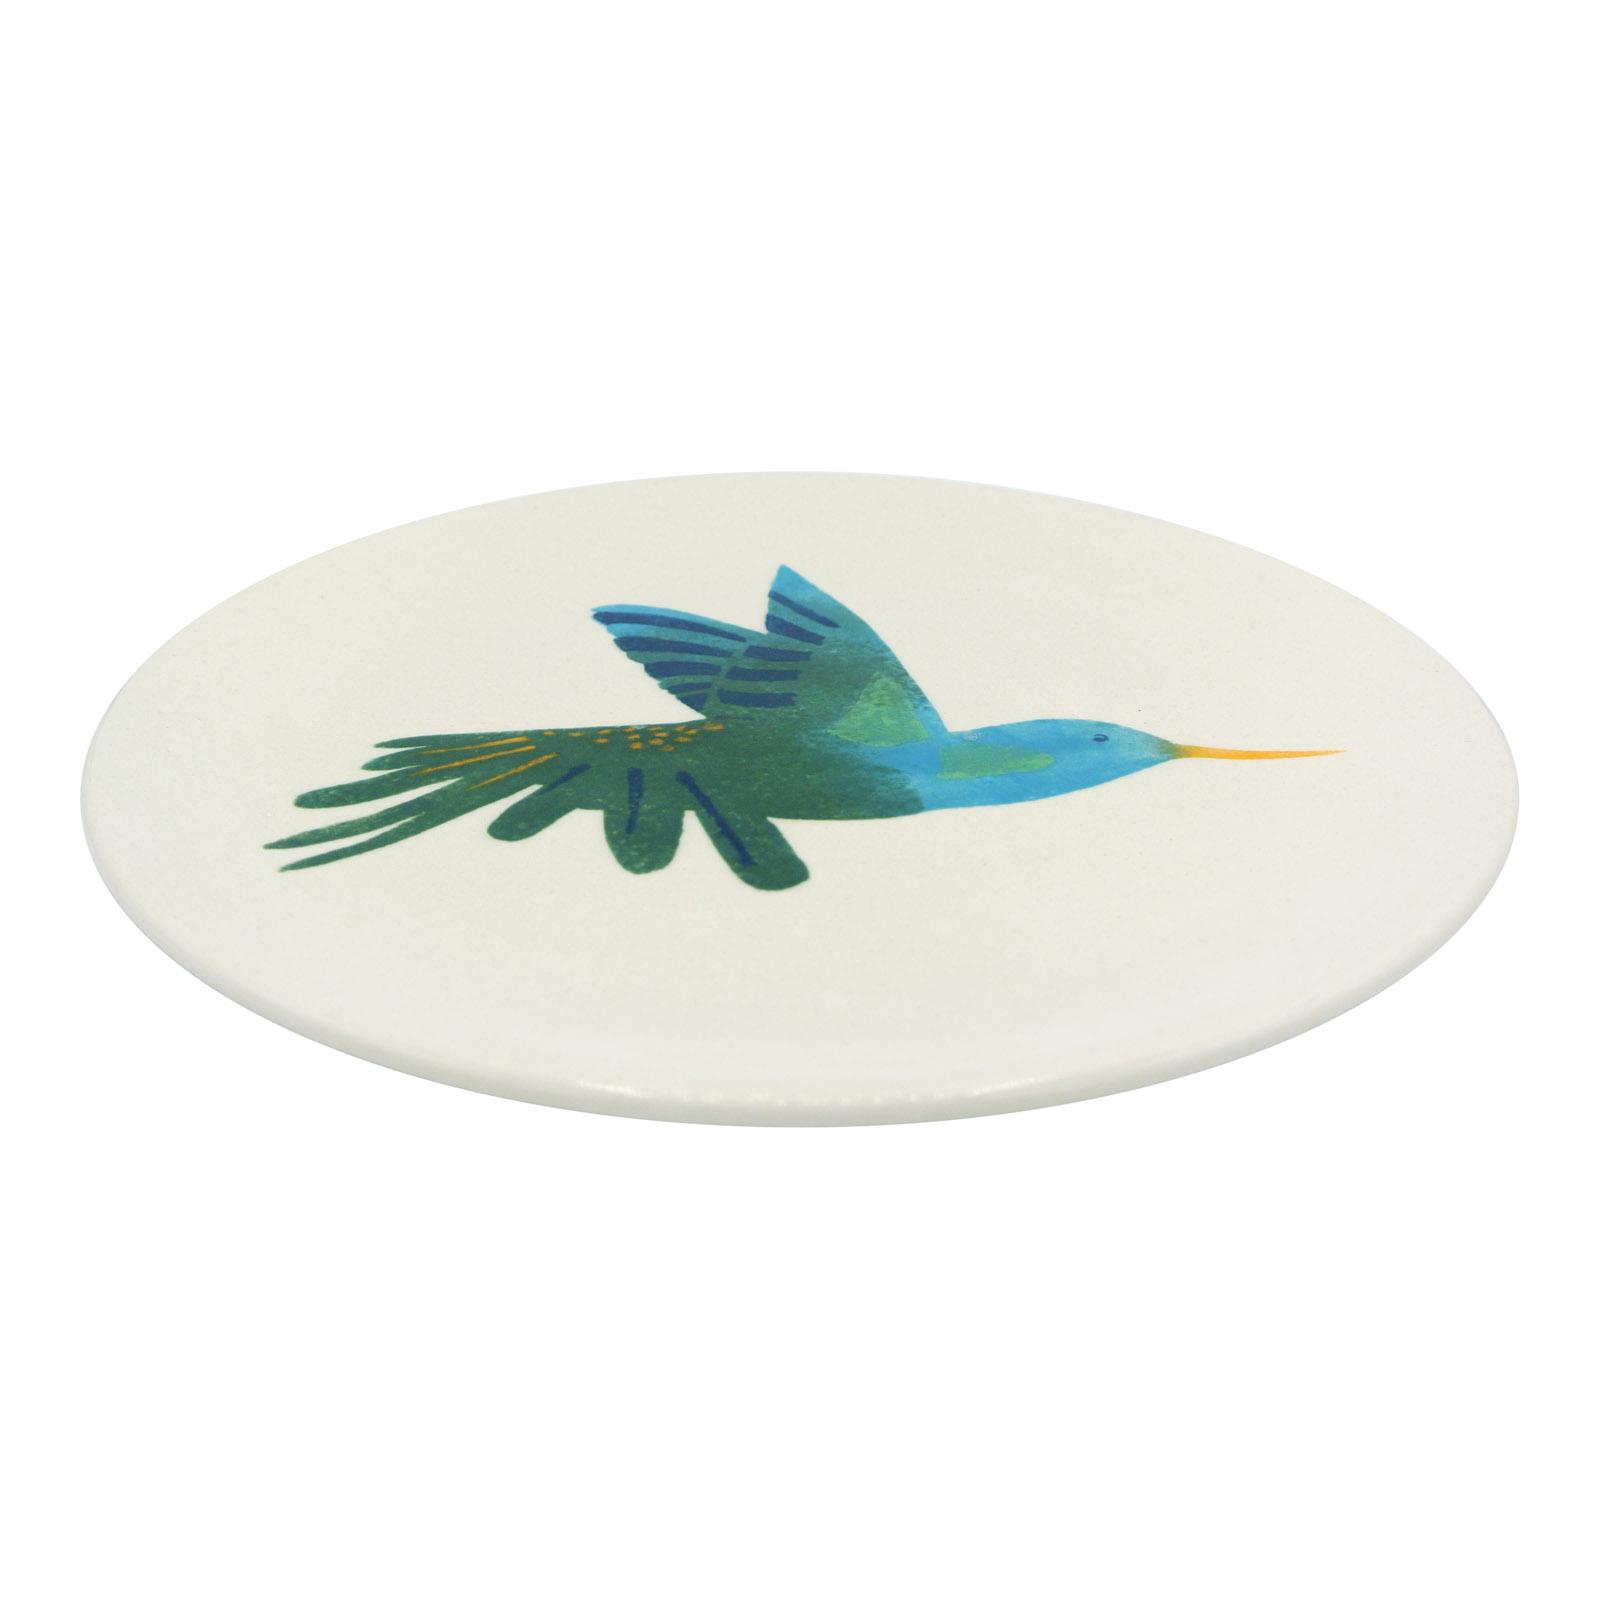 servies beschilderen keramiek glazuren dagje uit puurglazuur